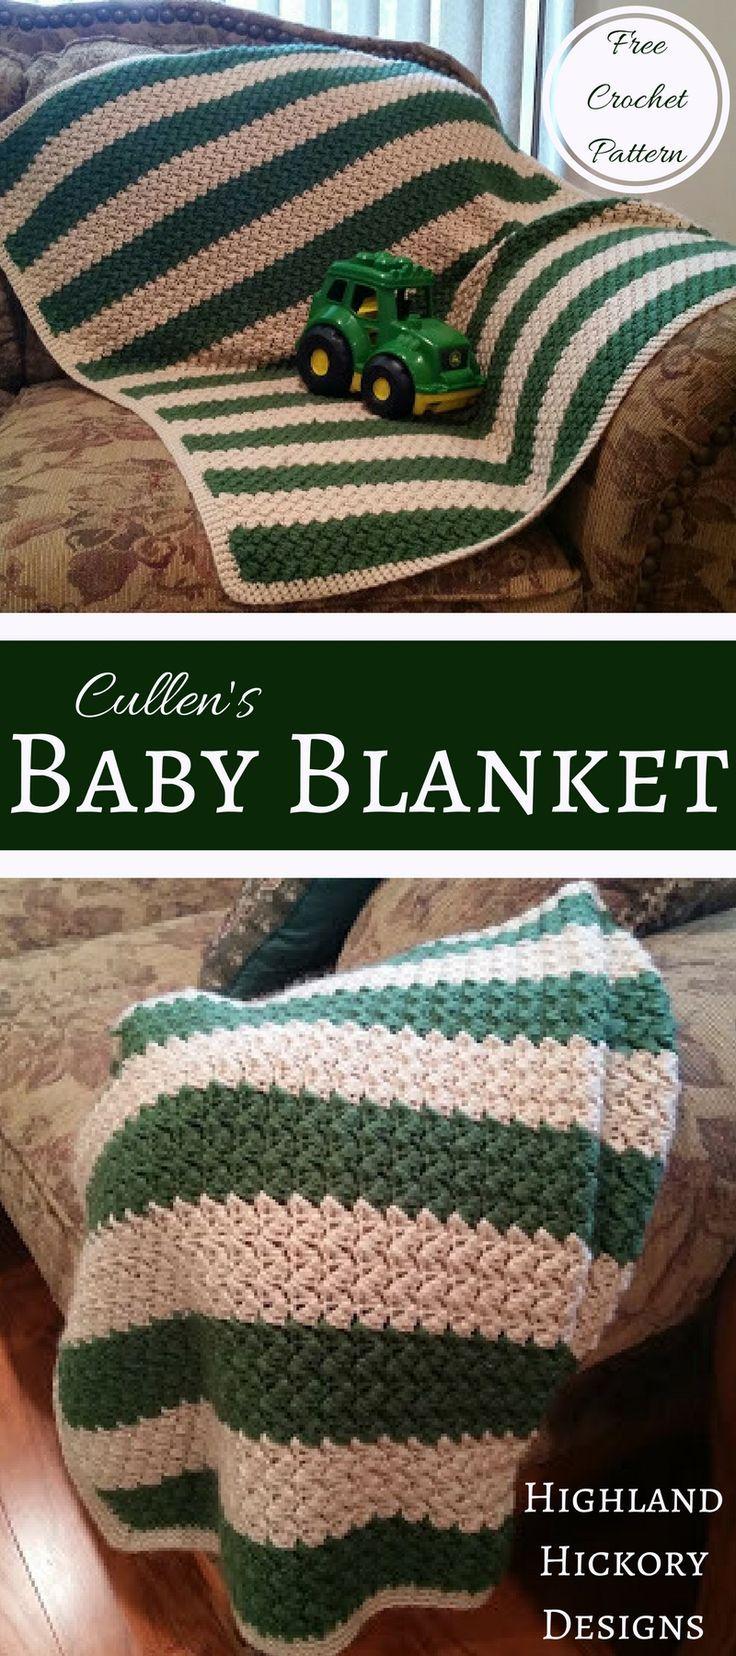 Cullen\'s Baby Blanket | Cobija, Manta y Mantita bebe